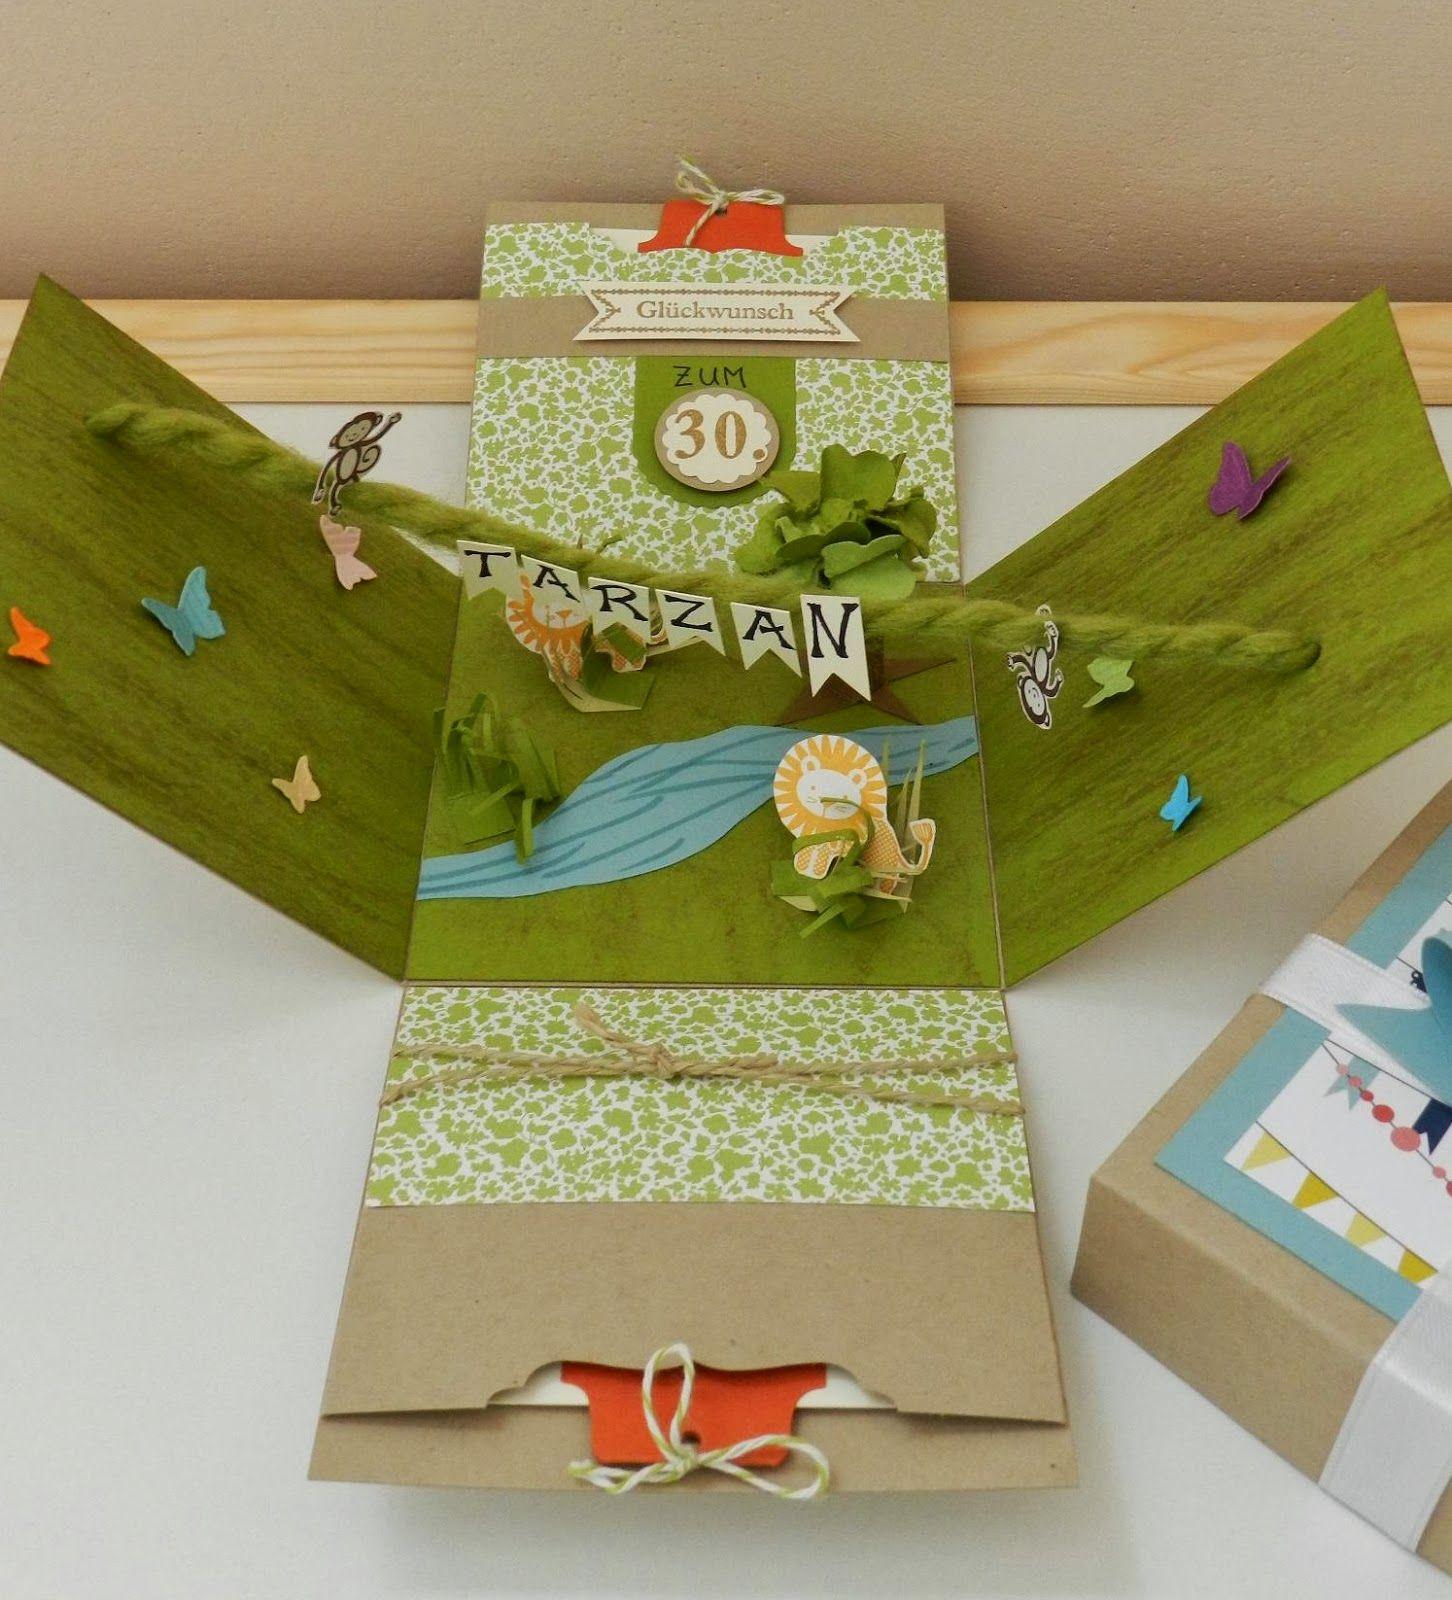 stempelhandwerk exploding box im dschungelfieber explosionbox pinterest gutscheine. Black Bedroom Furniture Sets. Home Design Ideas